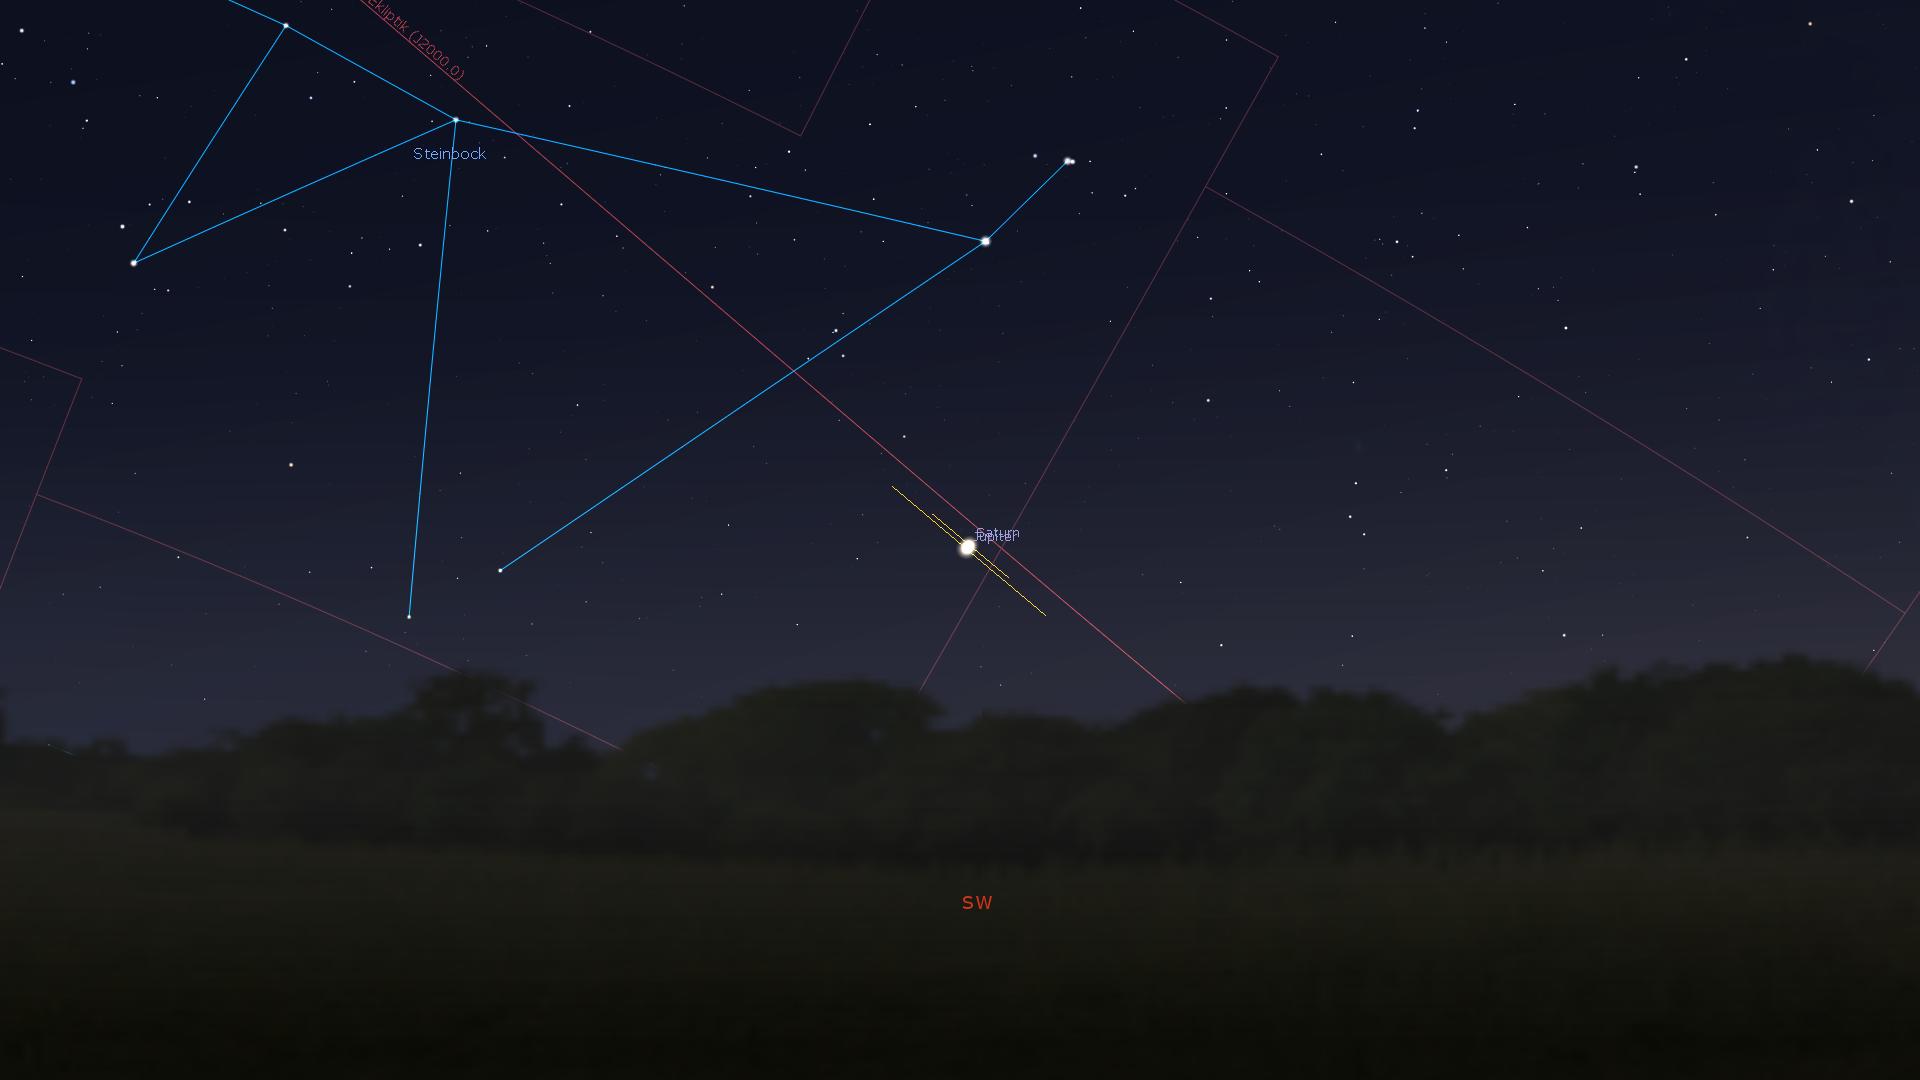 Große Konjunktion von Jupiter und Saturn am 21.12.2020